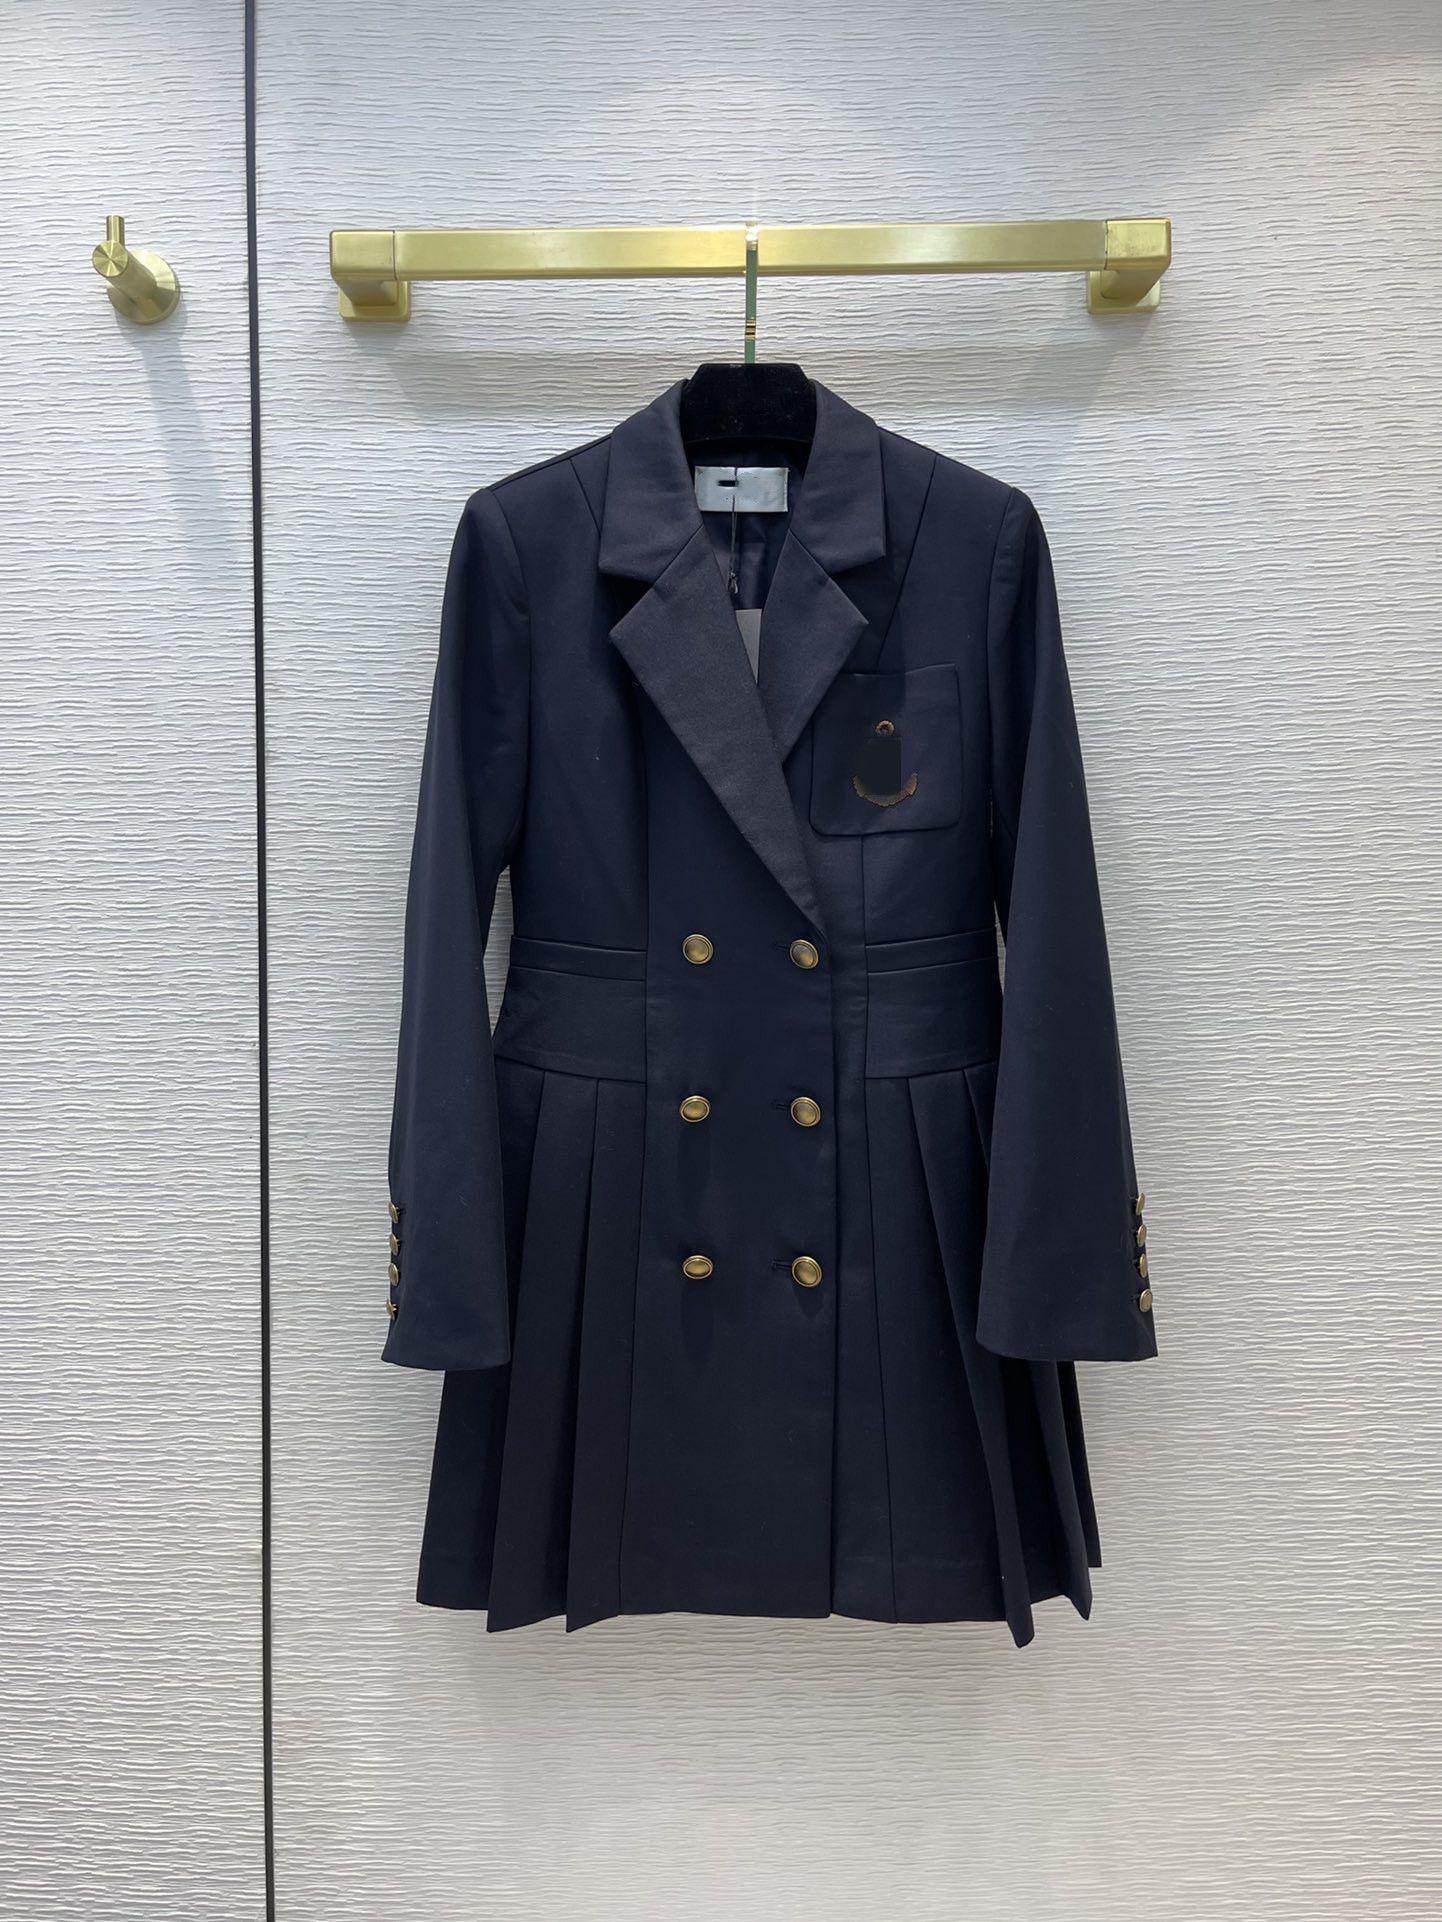 Milan Pist Elbiseler 2021 Sonbahar Yaka Boyun Uzun Kollu Tasarımcı Elbise Marka Aynı Stil Giyim 0820-25